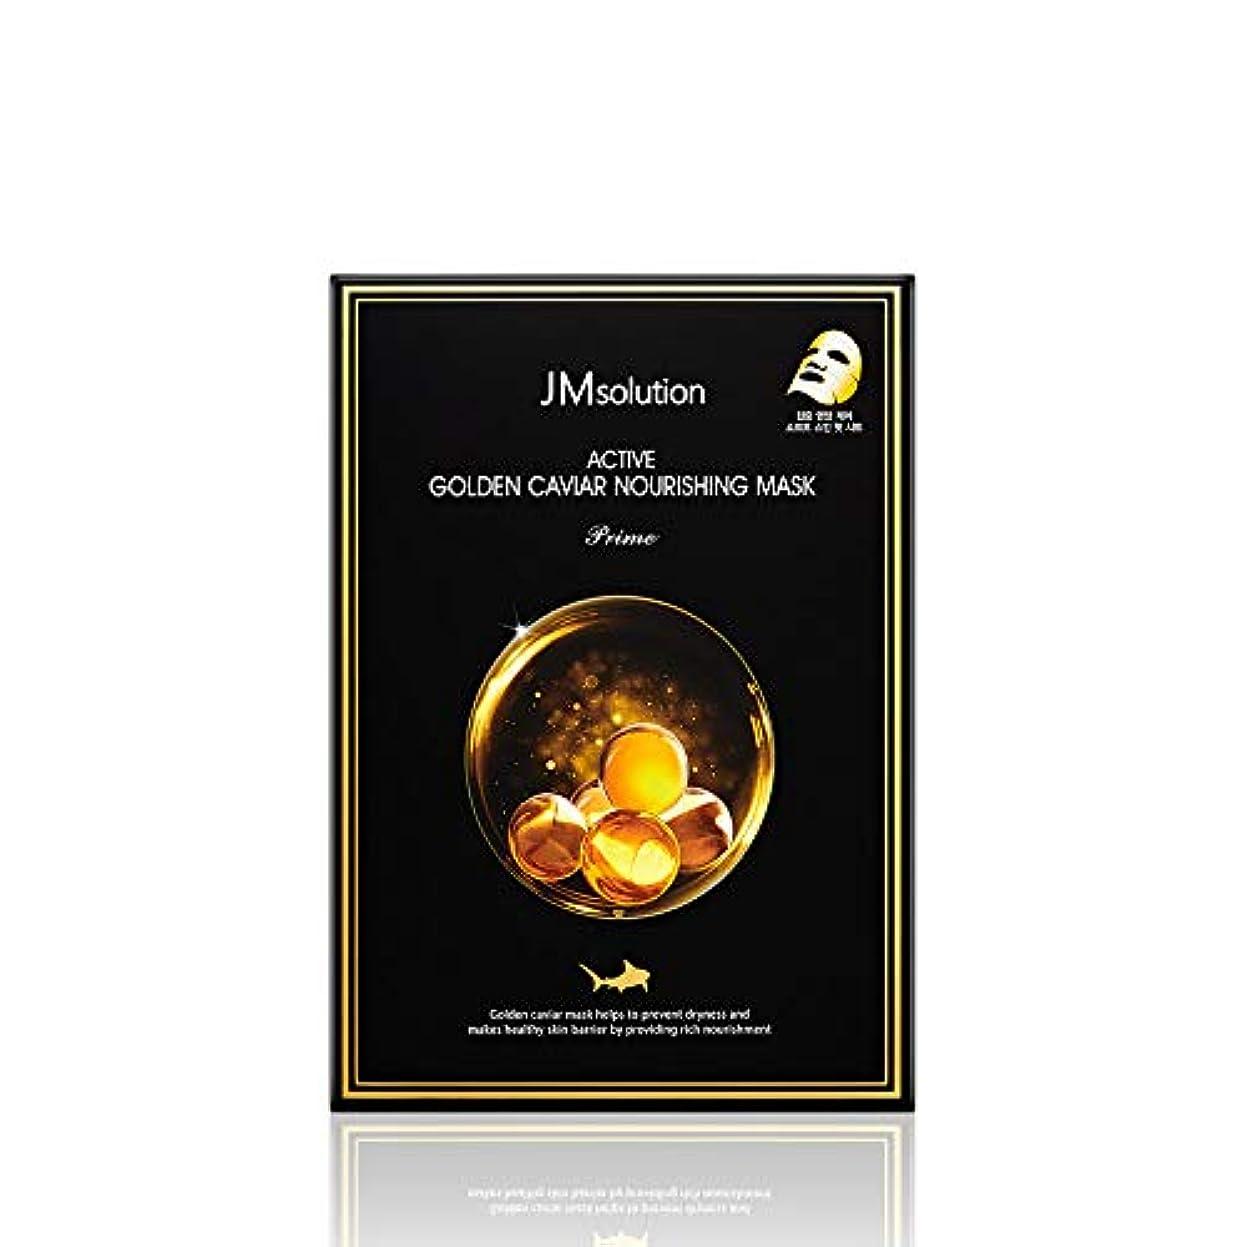 料理罪社会科JMソリューション(JM Solution) 乾燥肌のためのアクティブゴールデンキャビア栄養マスクプライム 30mlx10P / Active Golden Caviar Nourishing Mask Prime For...